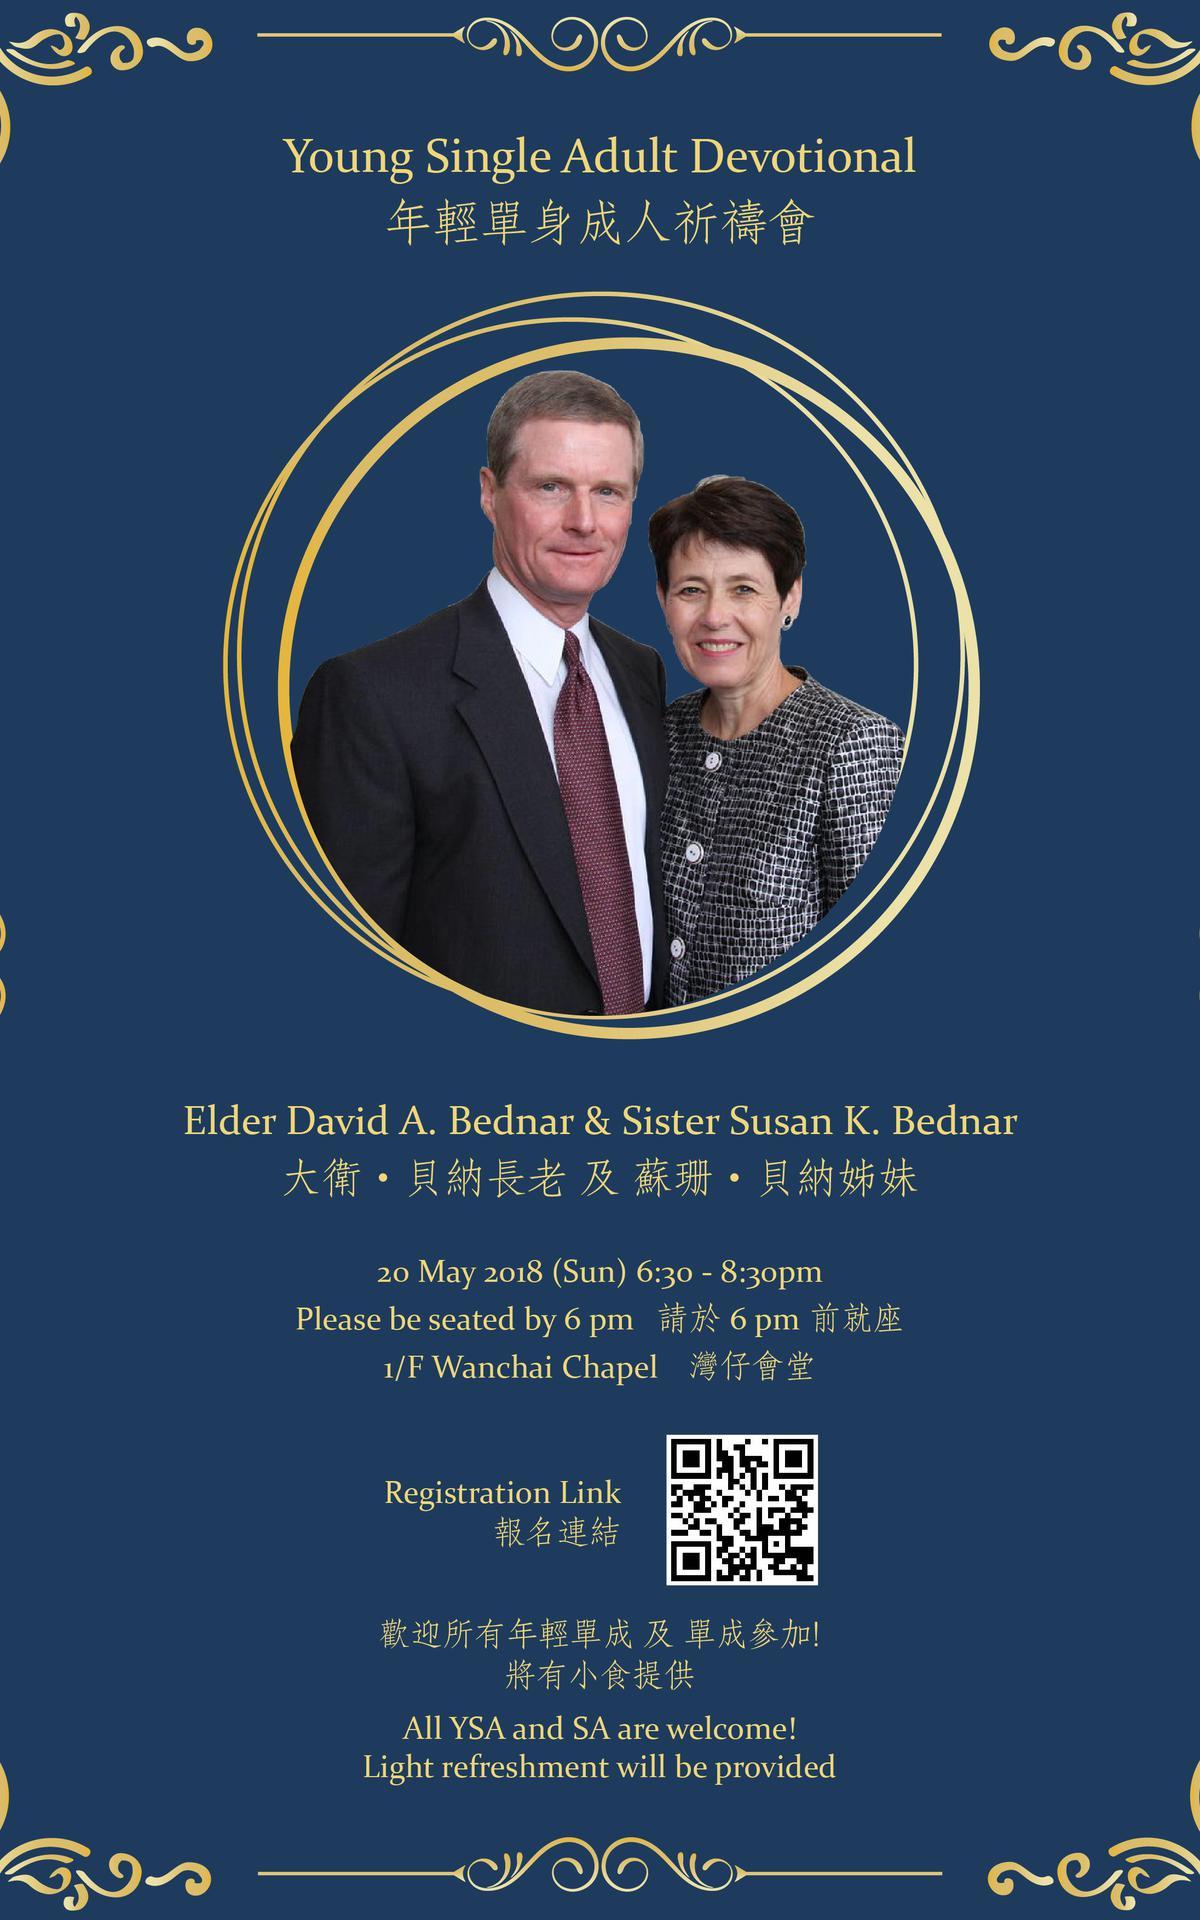 年輕單身成人祈禱會: 大衛 · 貝納長老 及 蘇珊 · 貝納姊妹